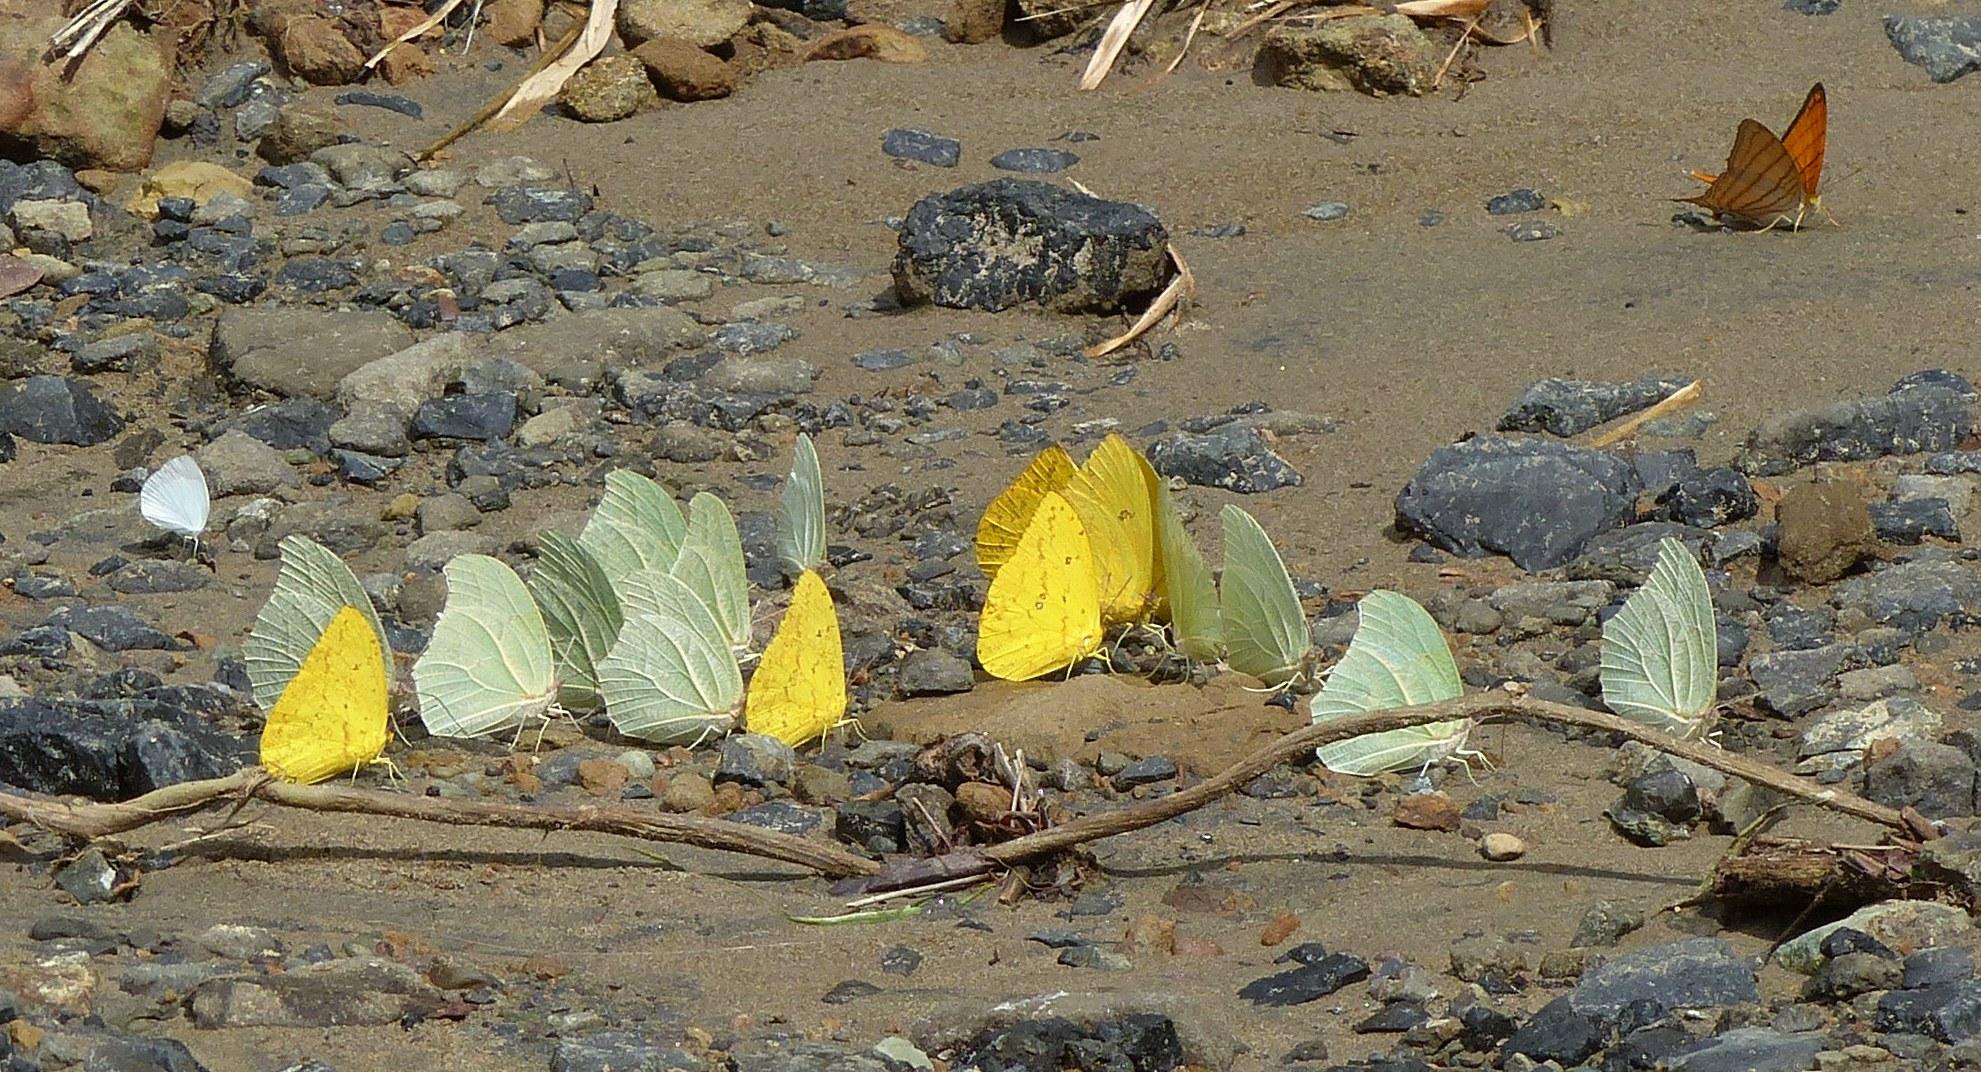 P2500556 butterflies on road by riochuelo mar 7